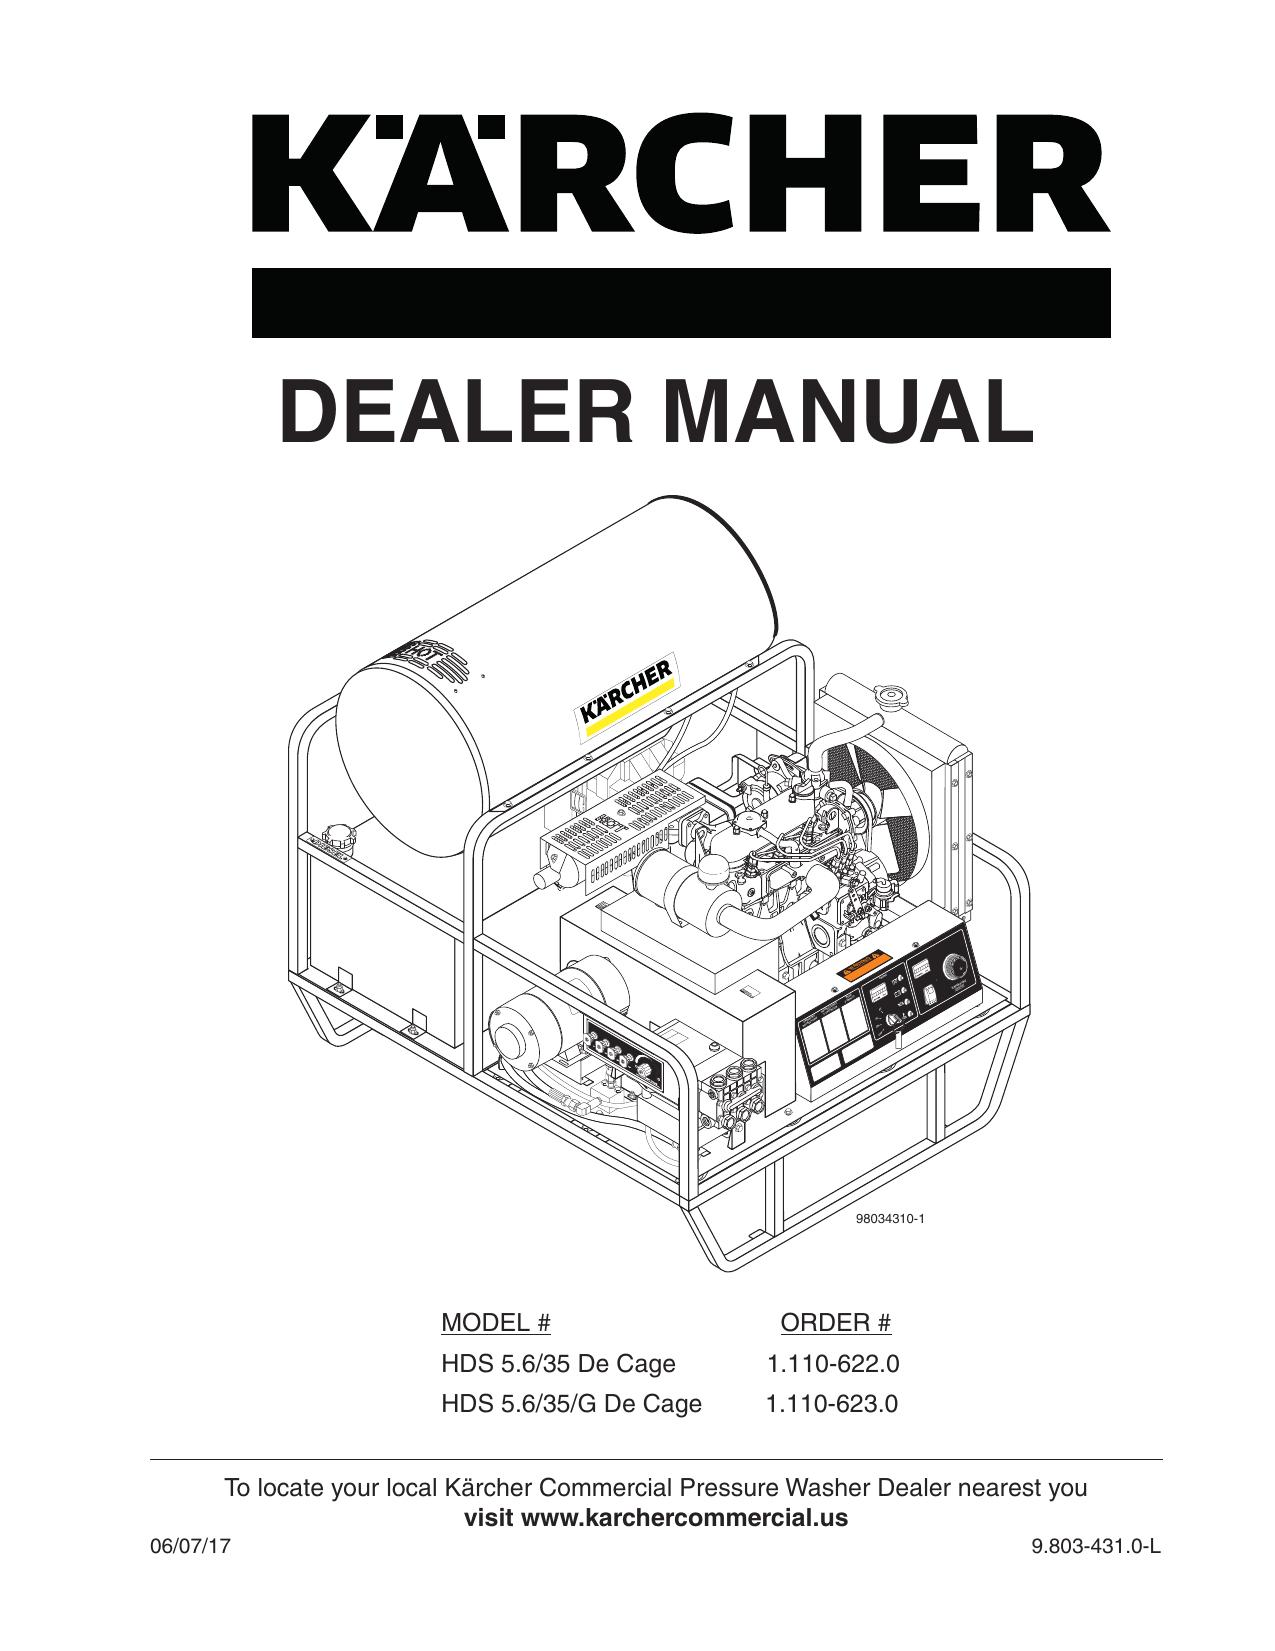 Karcher Pressure Washer Wiring Diagram 9 803 431 0 Manual Dealer Karcher Hds Diesel Indd Manualzz Com